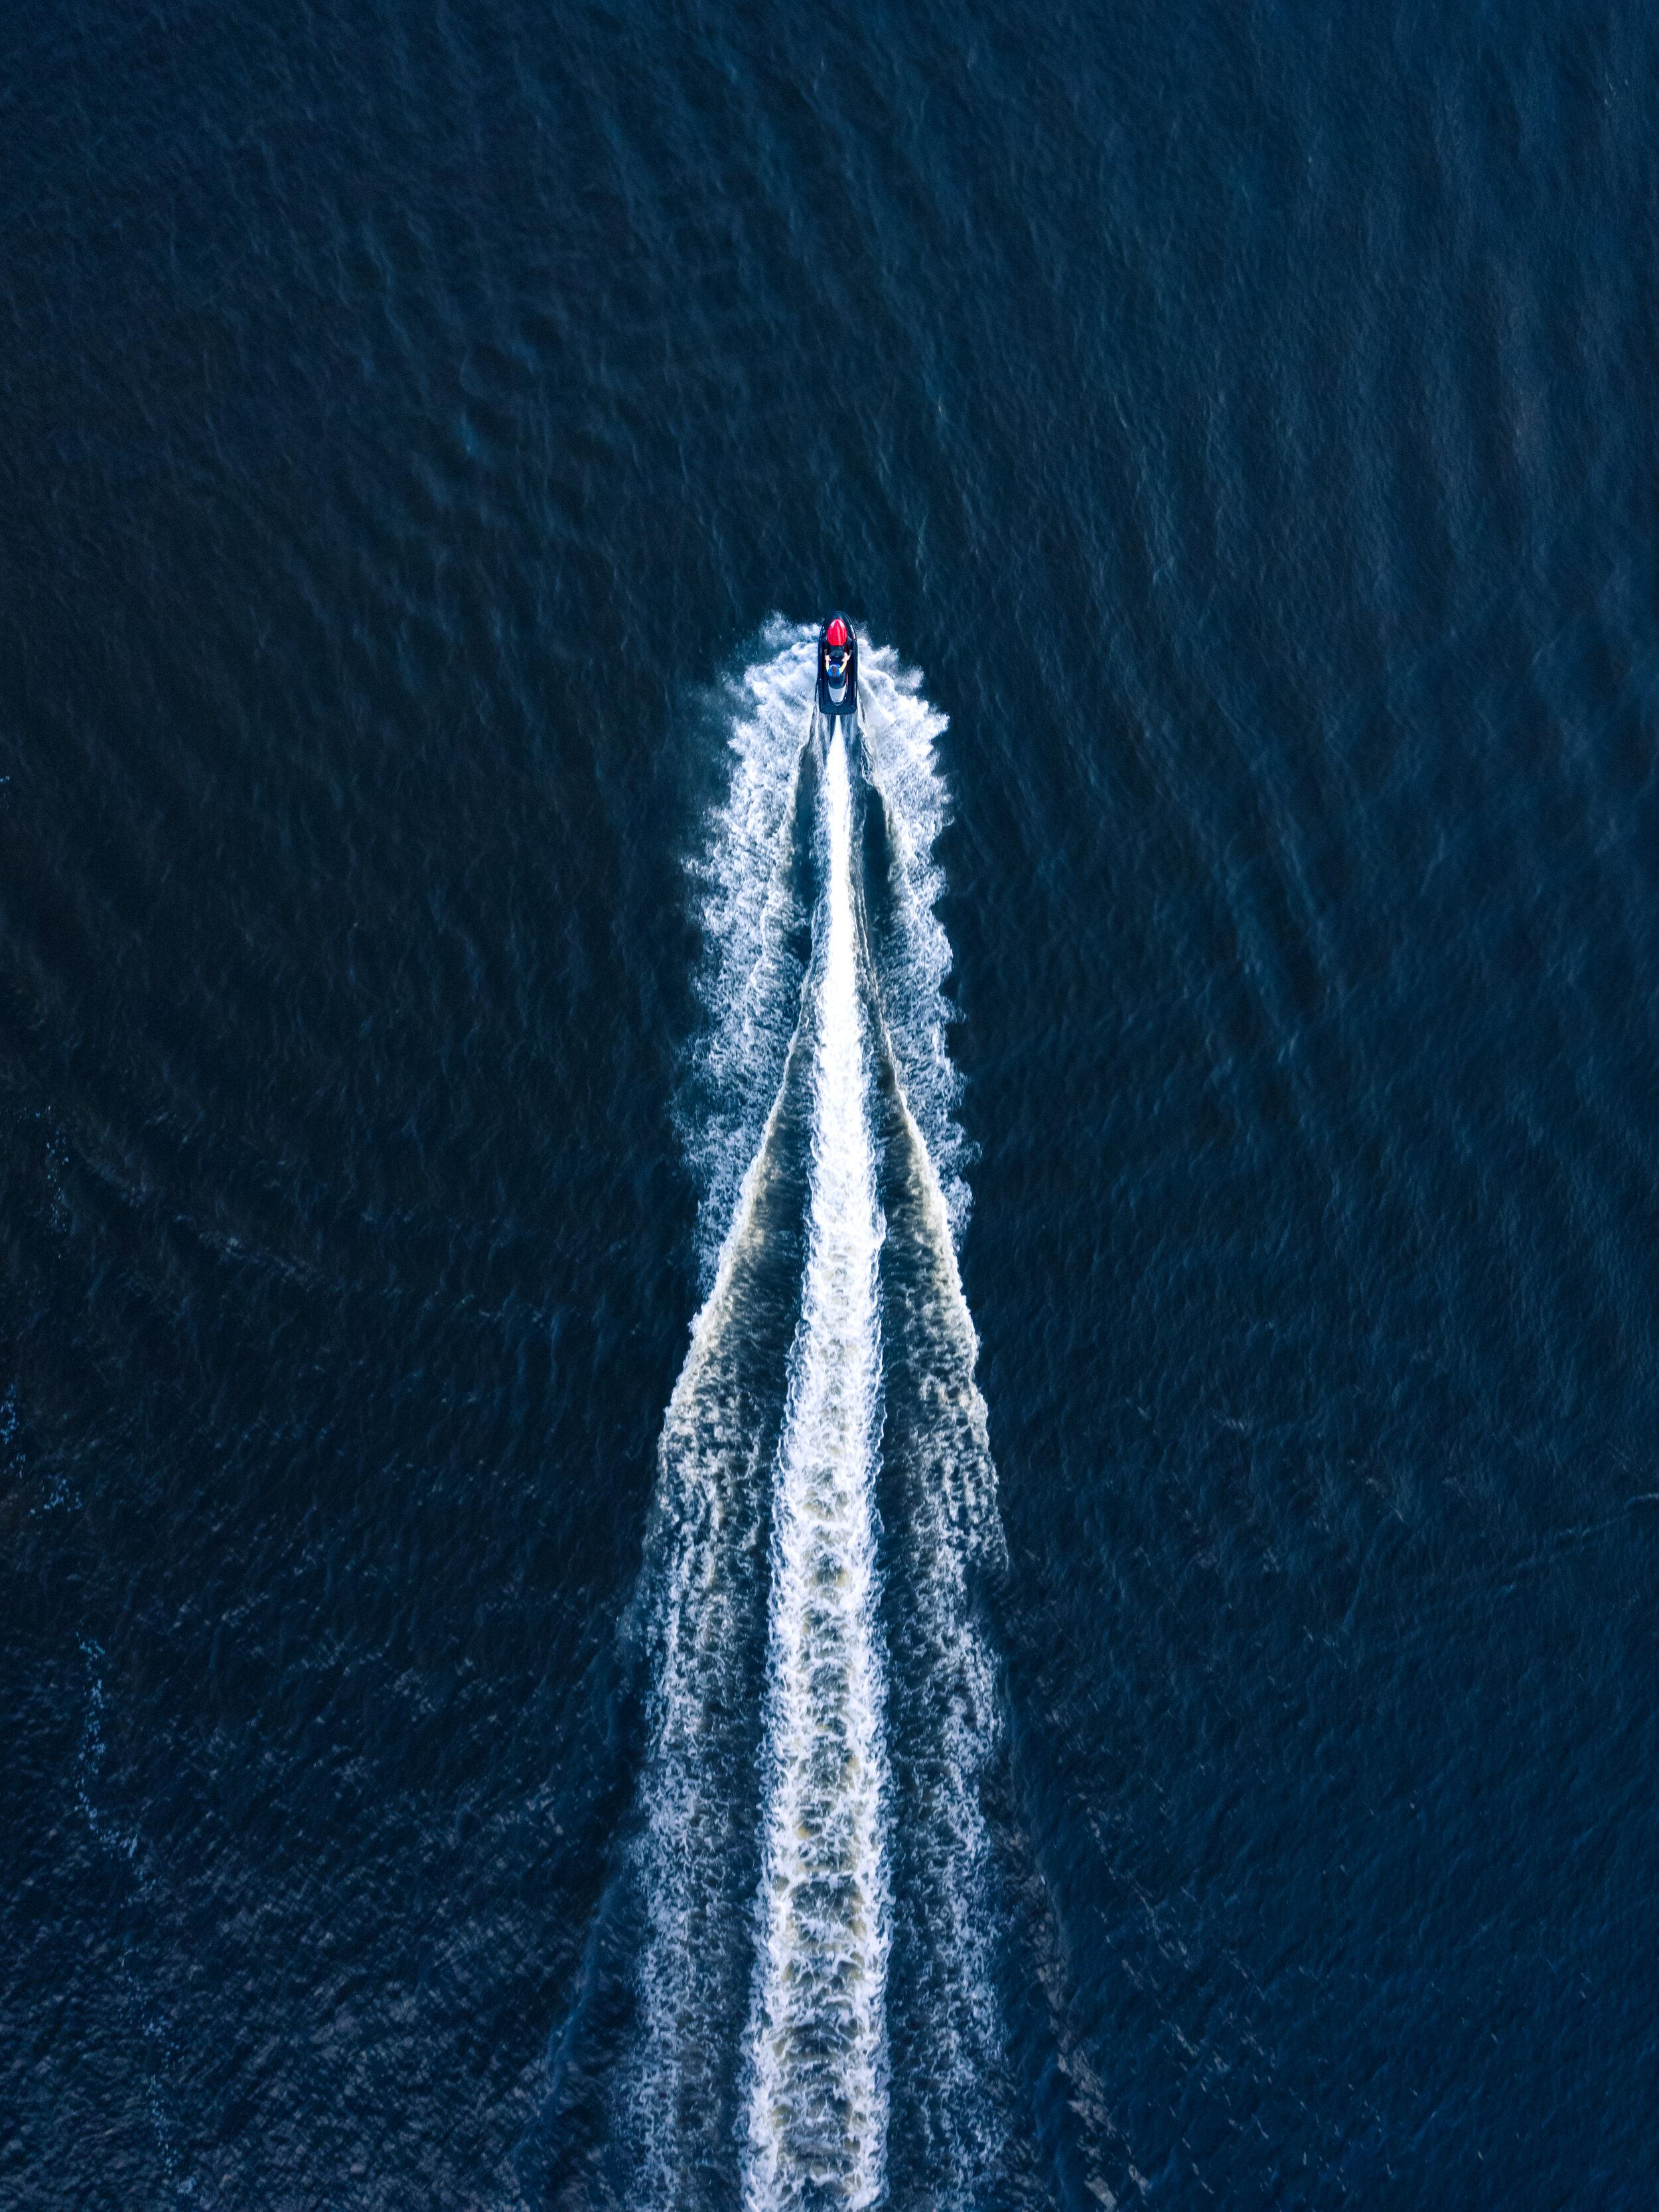 jetski_typoland_aerial-2.jpg